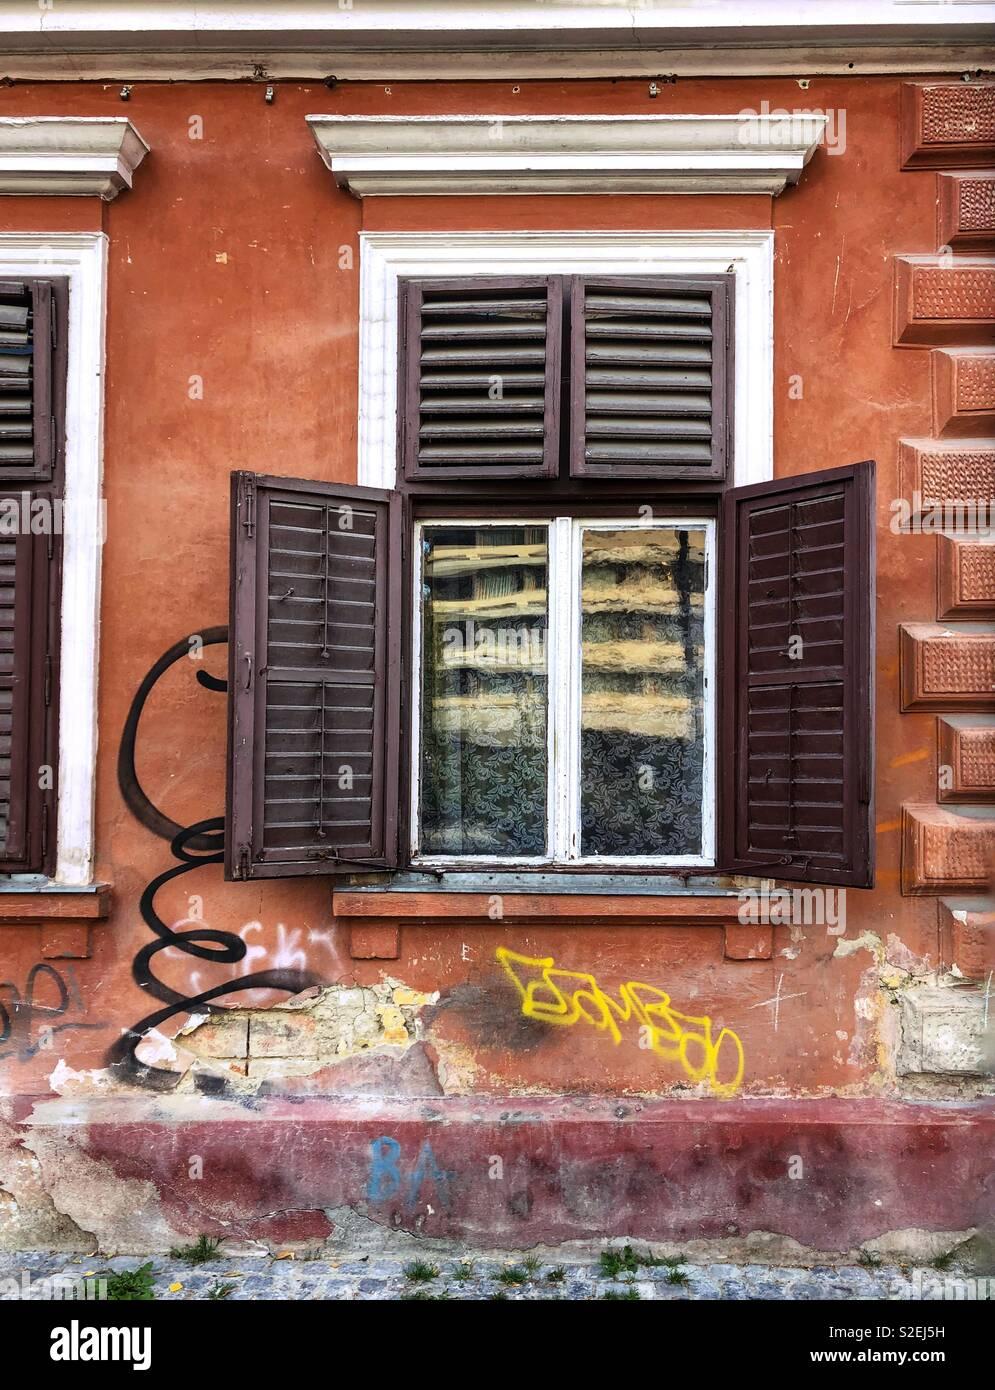 Marrón abierta ventana postigos, reflexión y graffiti en una pintura en la pared. Imagen De Stock